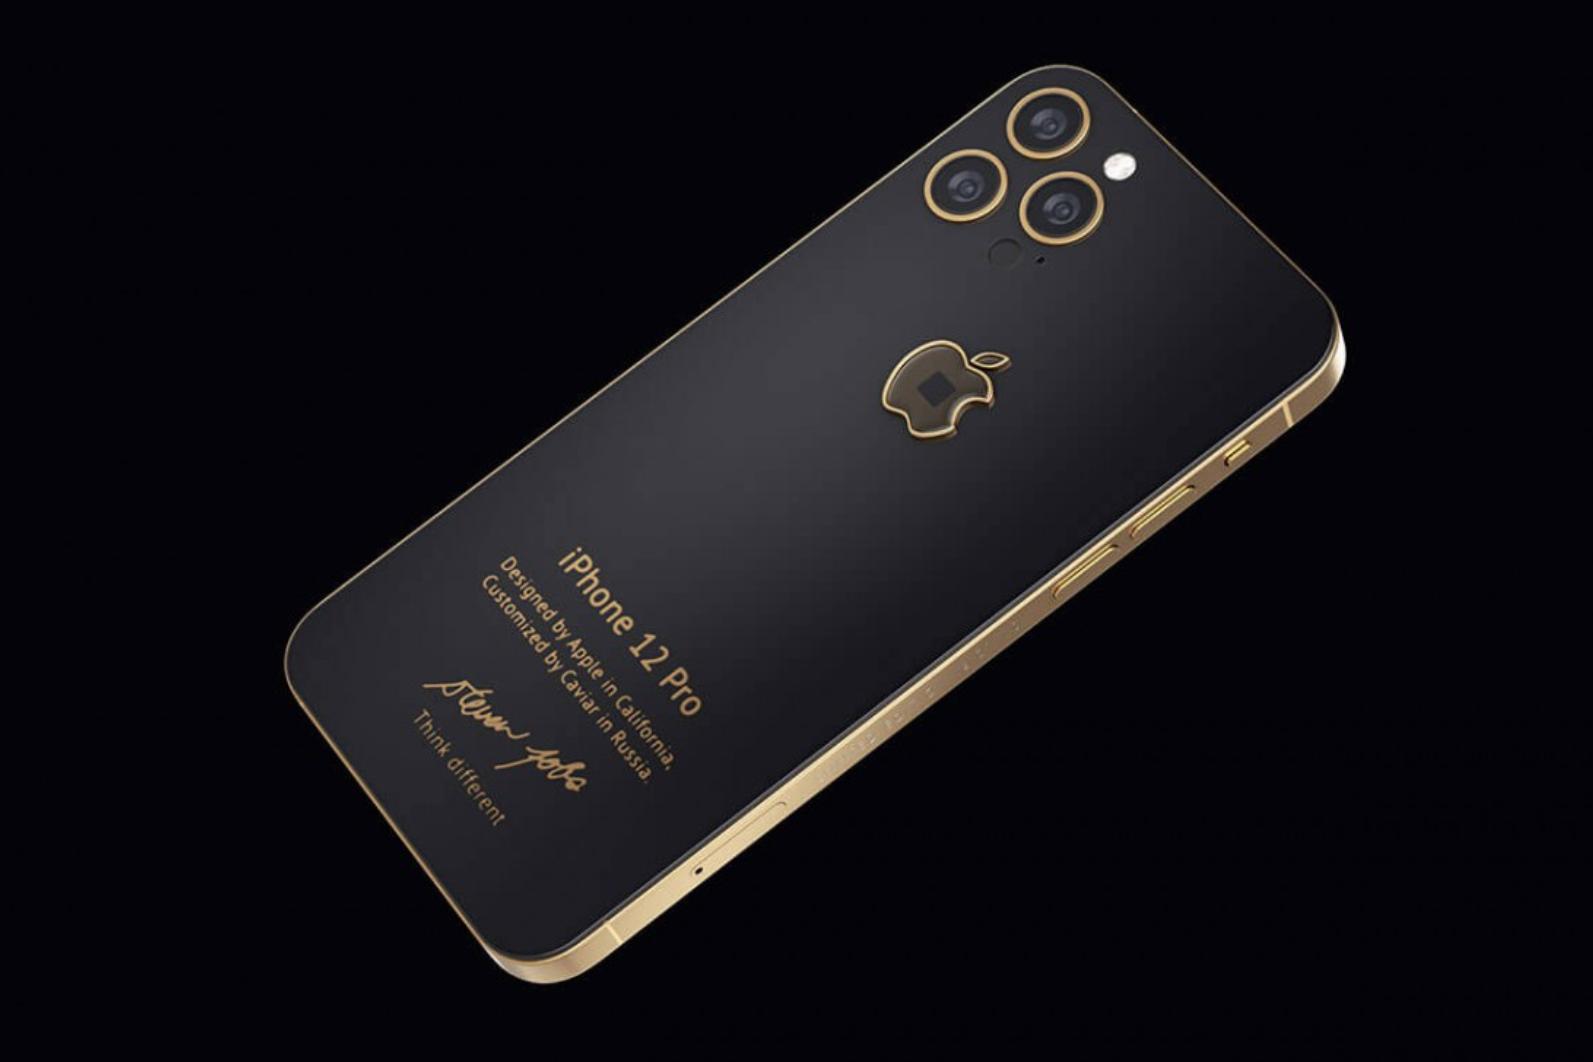 Chiếc iPhone 12 đắt nhất thế giới với giá hơn 200 triệu đồng